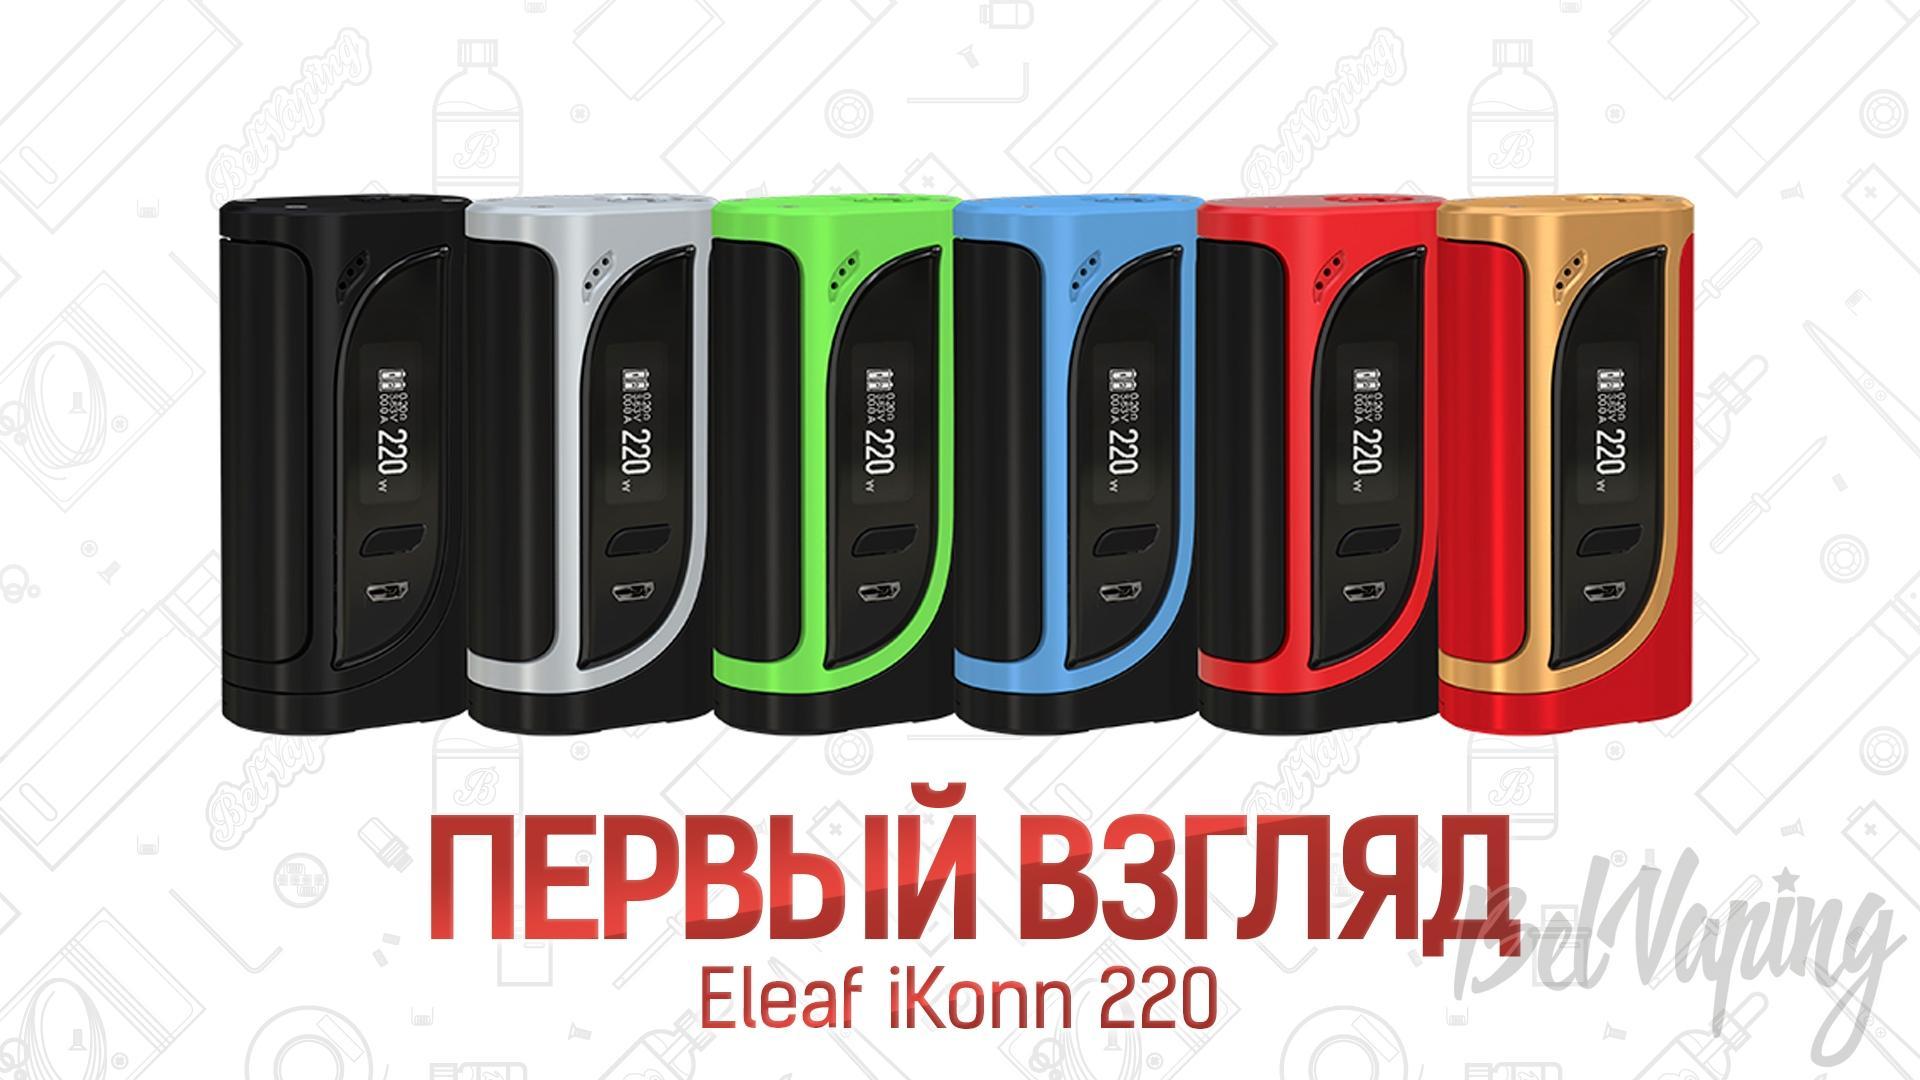 Eleaf iKonn 220. Первый взгляд